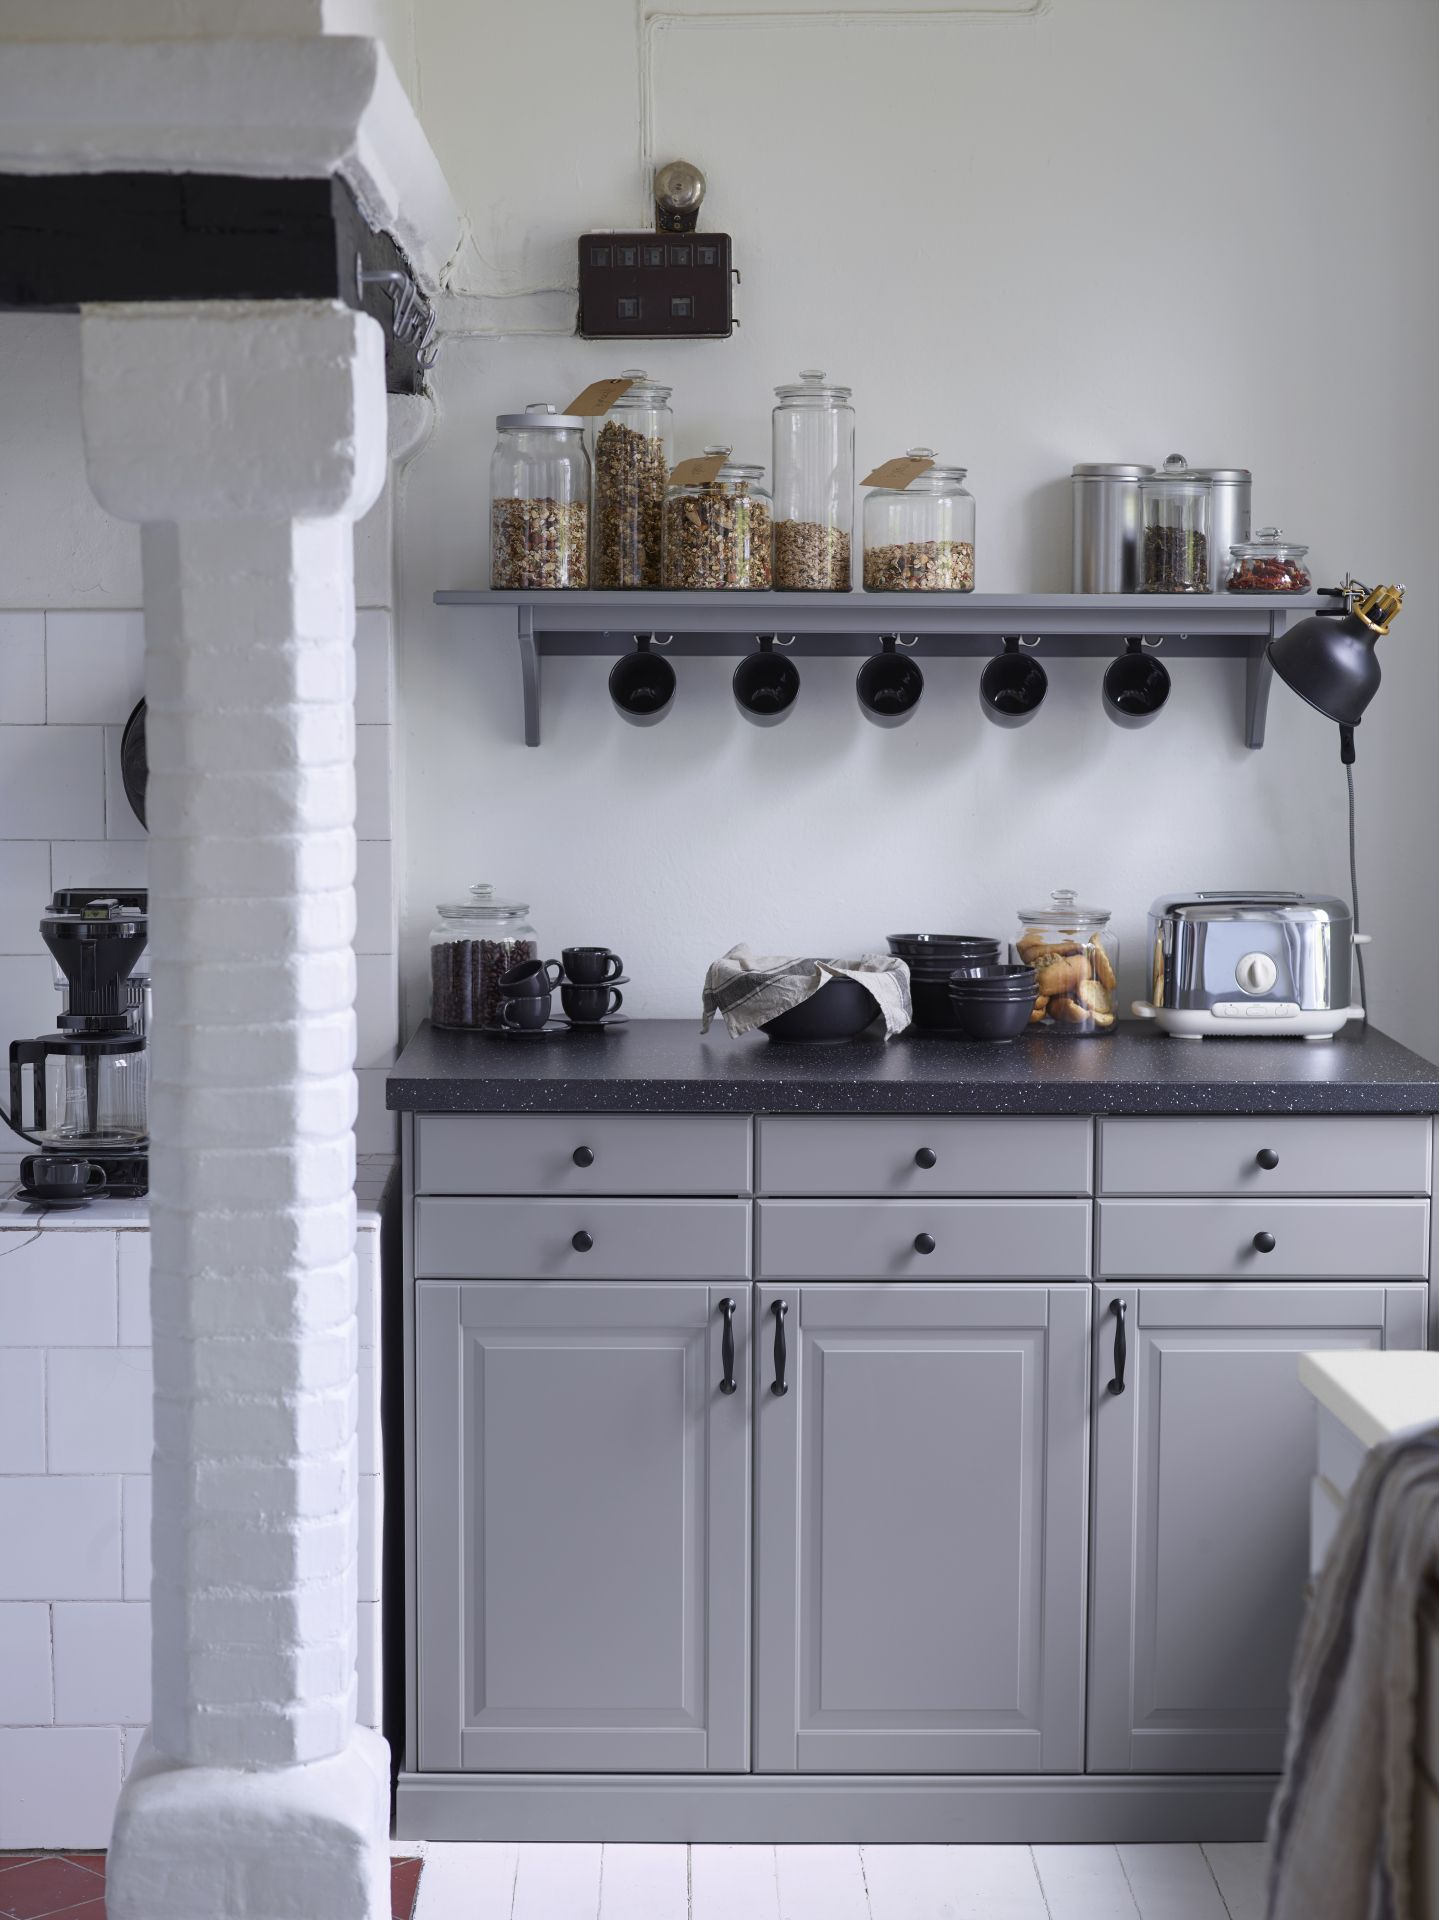 ikea deutschland traditioneller look f r moderne k chen k i t c h e n pinterest. Black Bedroom Furniture Sets. Home Design Ideas